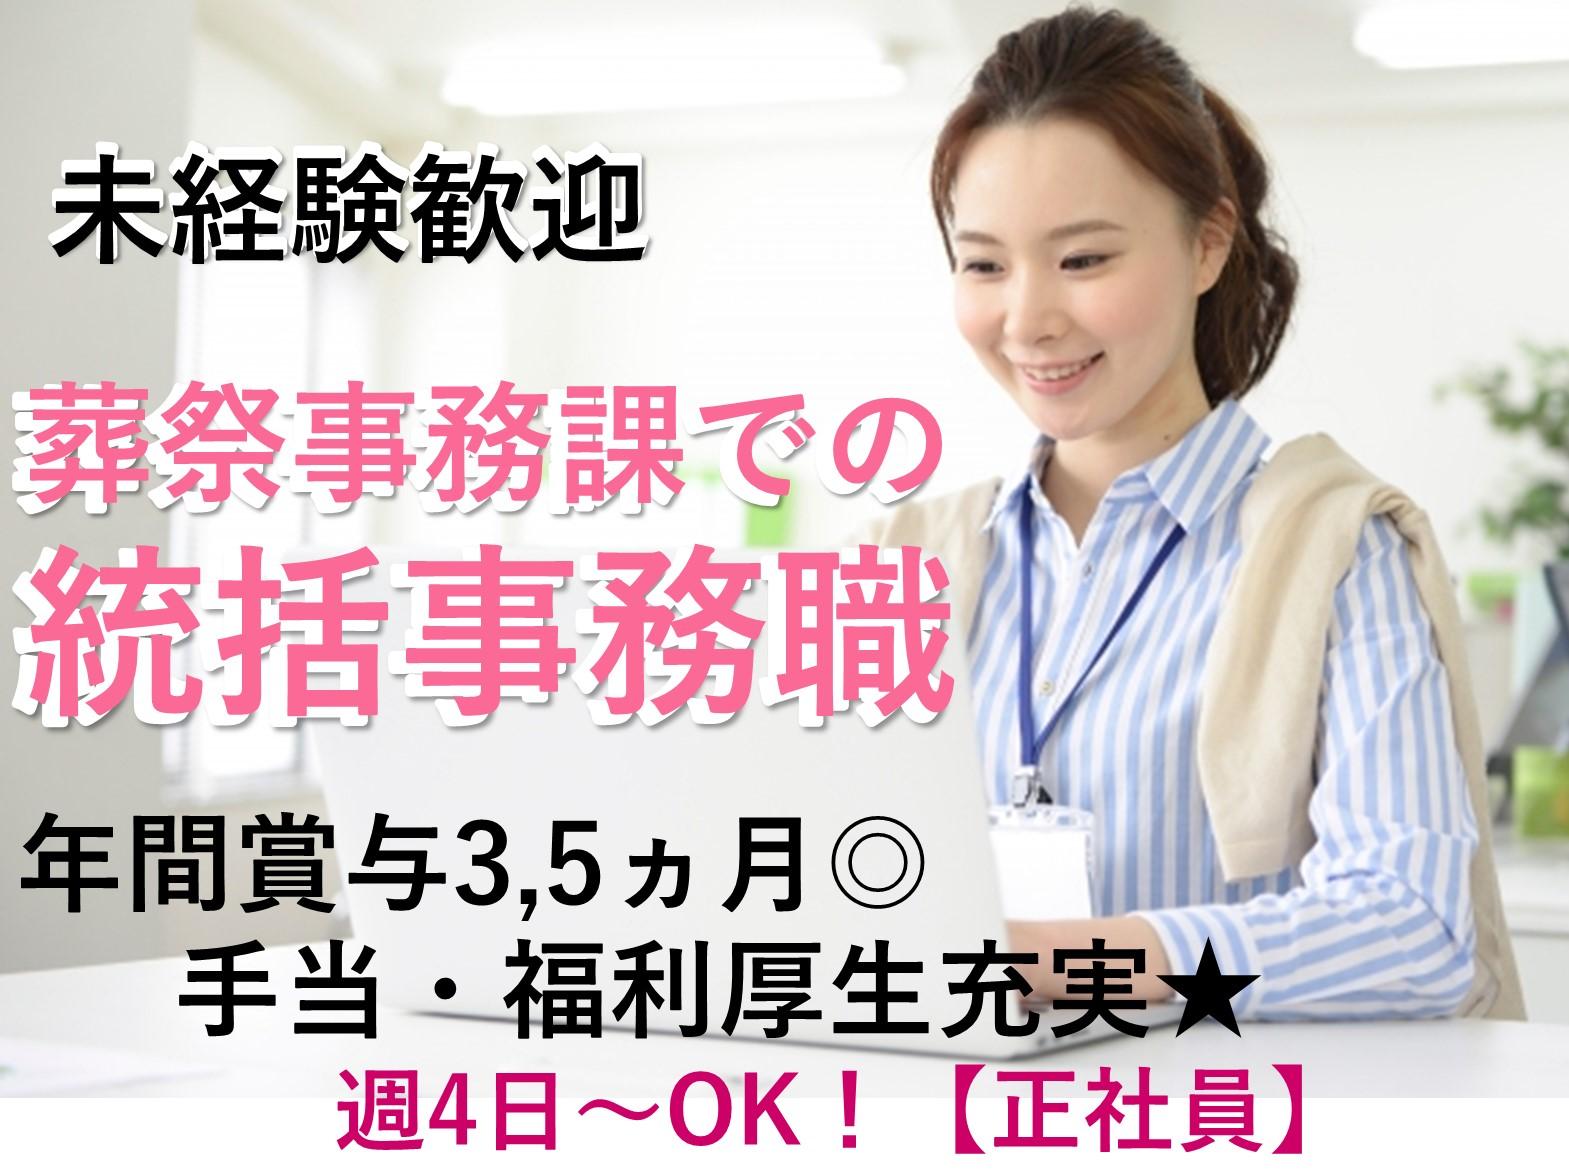 急募【名古屋市緑区】年間賞与3,5ヵ月◎昇給◎葬祭事務課での統括事務職 イメージ